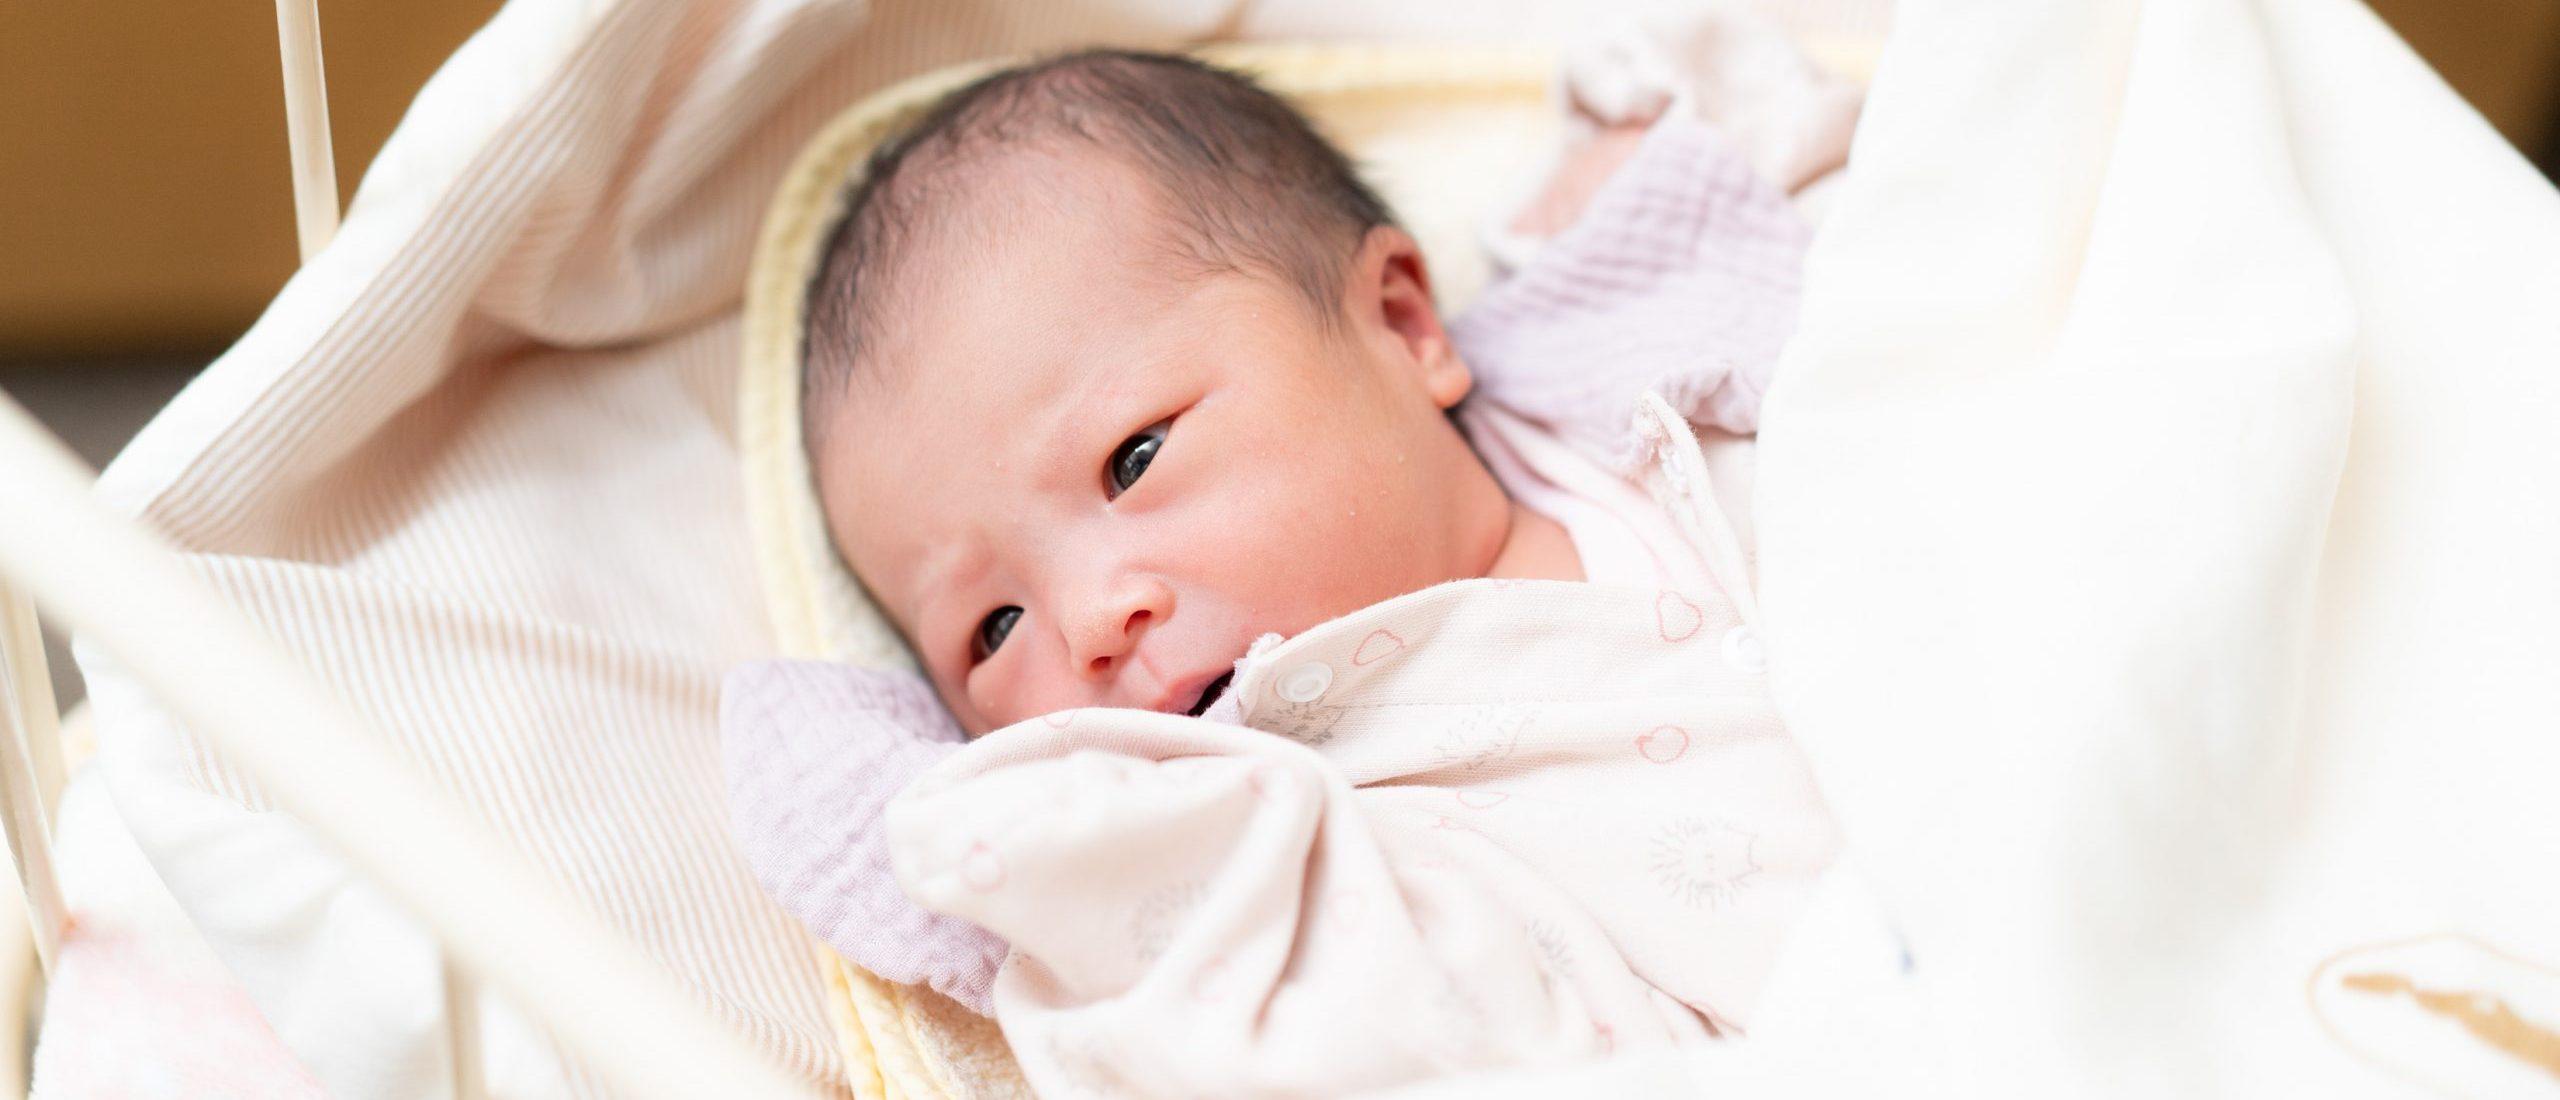 赤ちゃんに必要なもの 盛岡市、西島産婦人科医院の入院案内